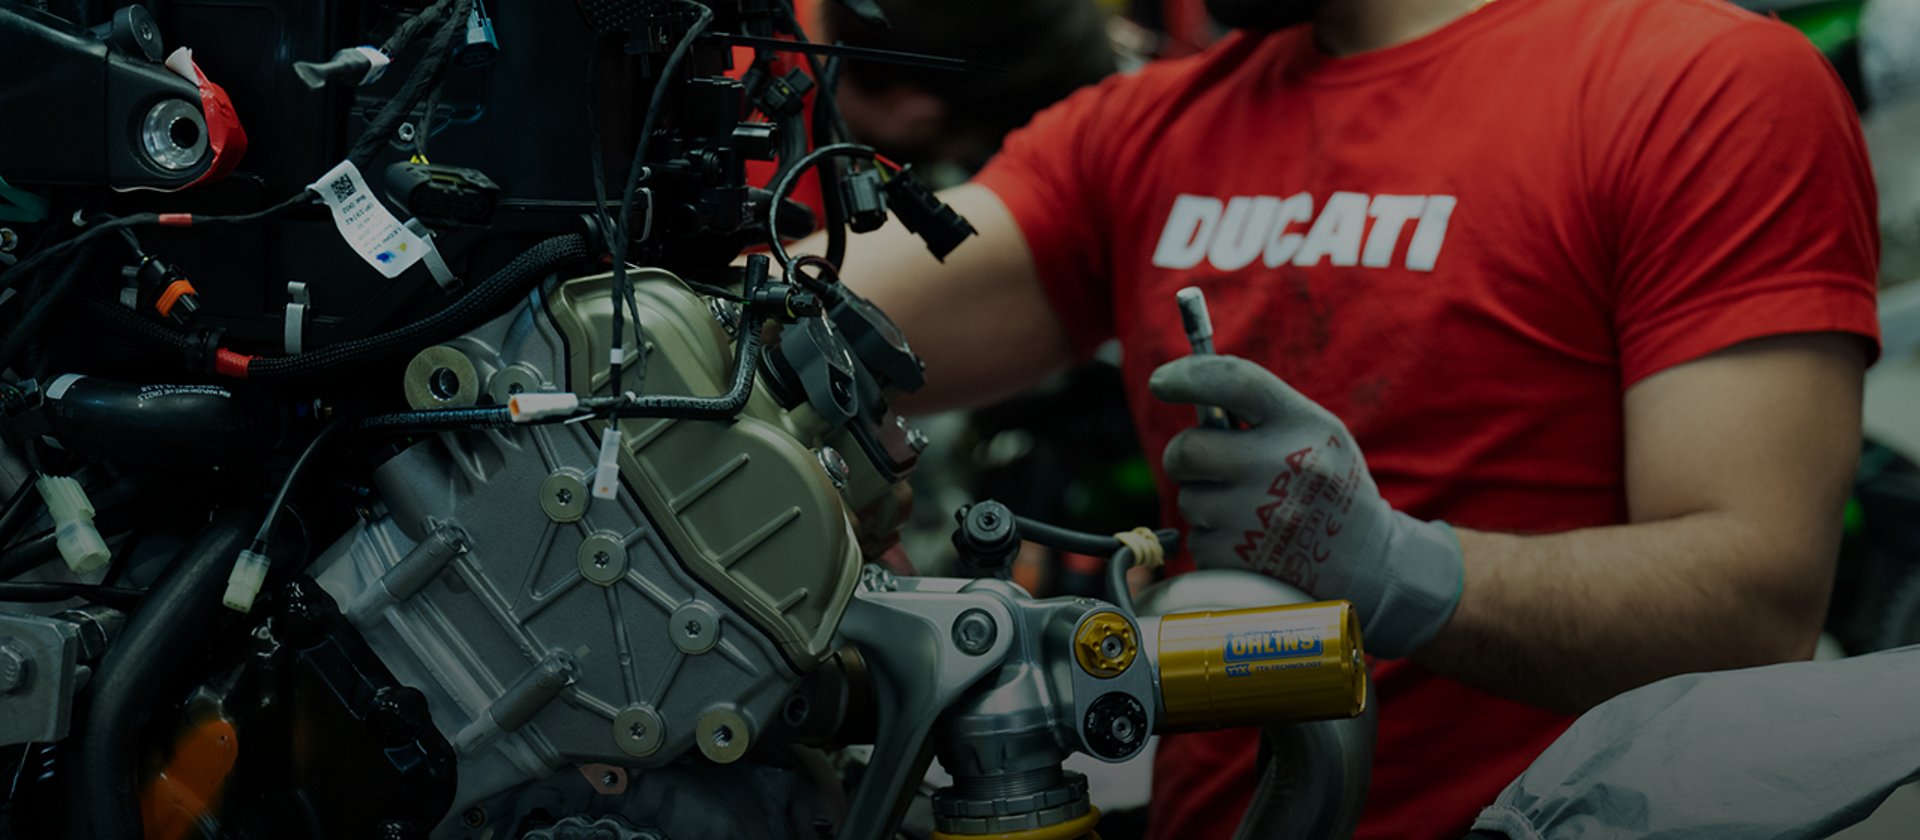 Ducati Hero Banner